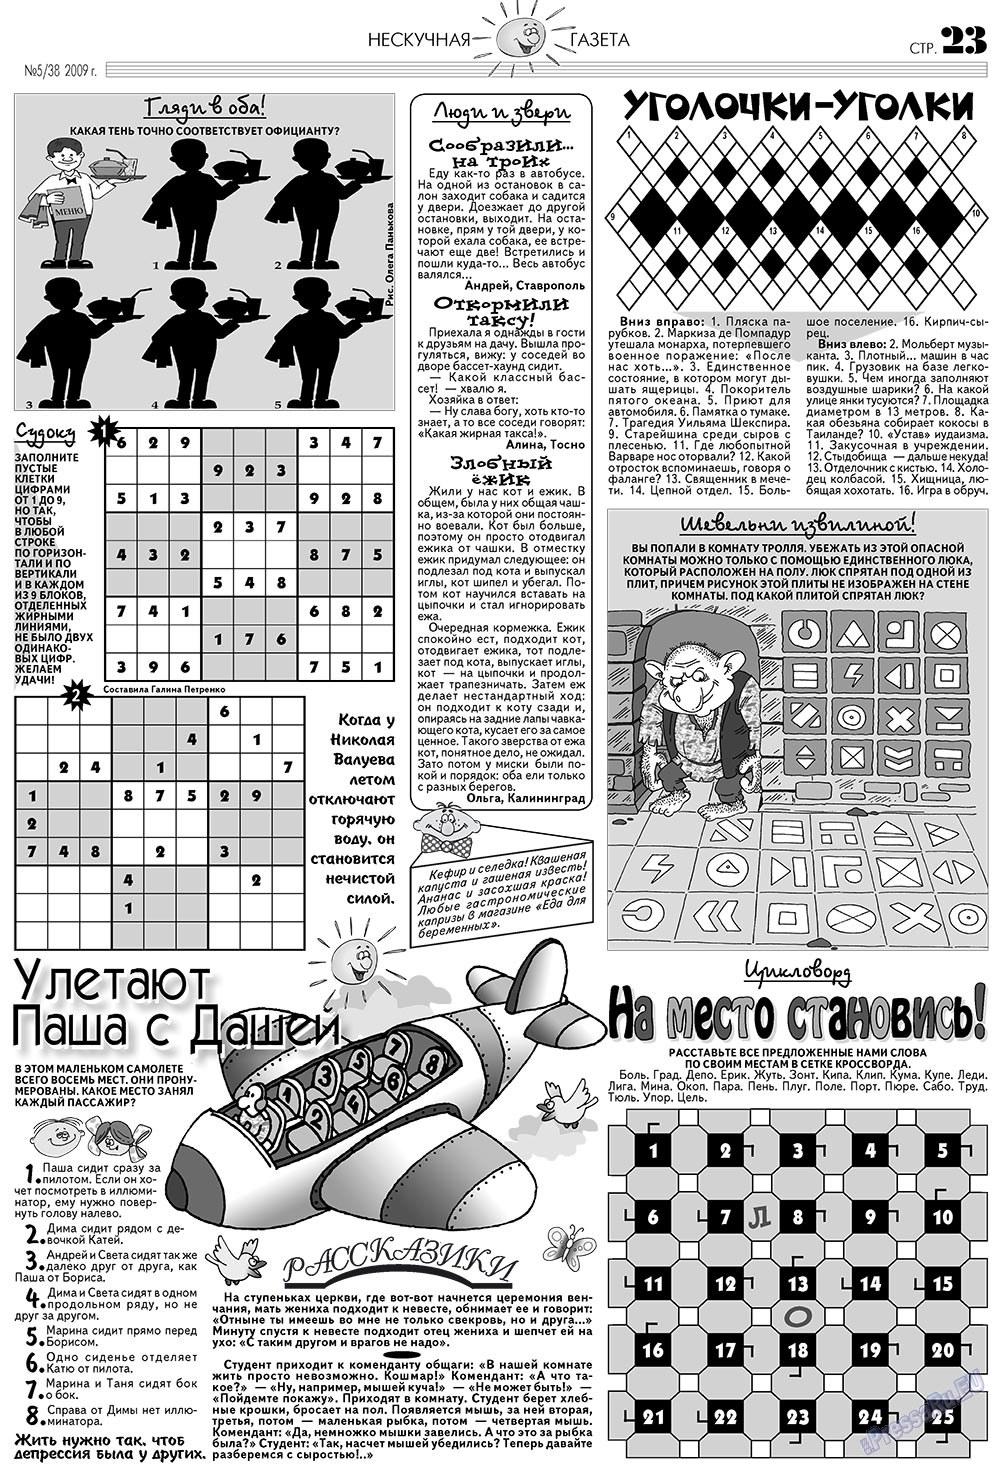 Нескучная газета (газета). 2009 год, номер 5, стр. 19